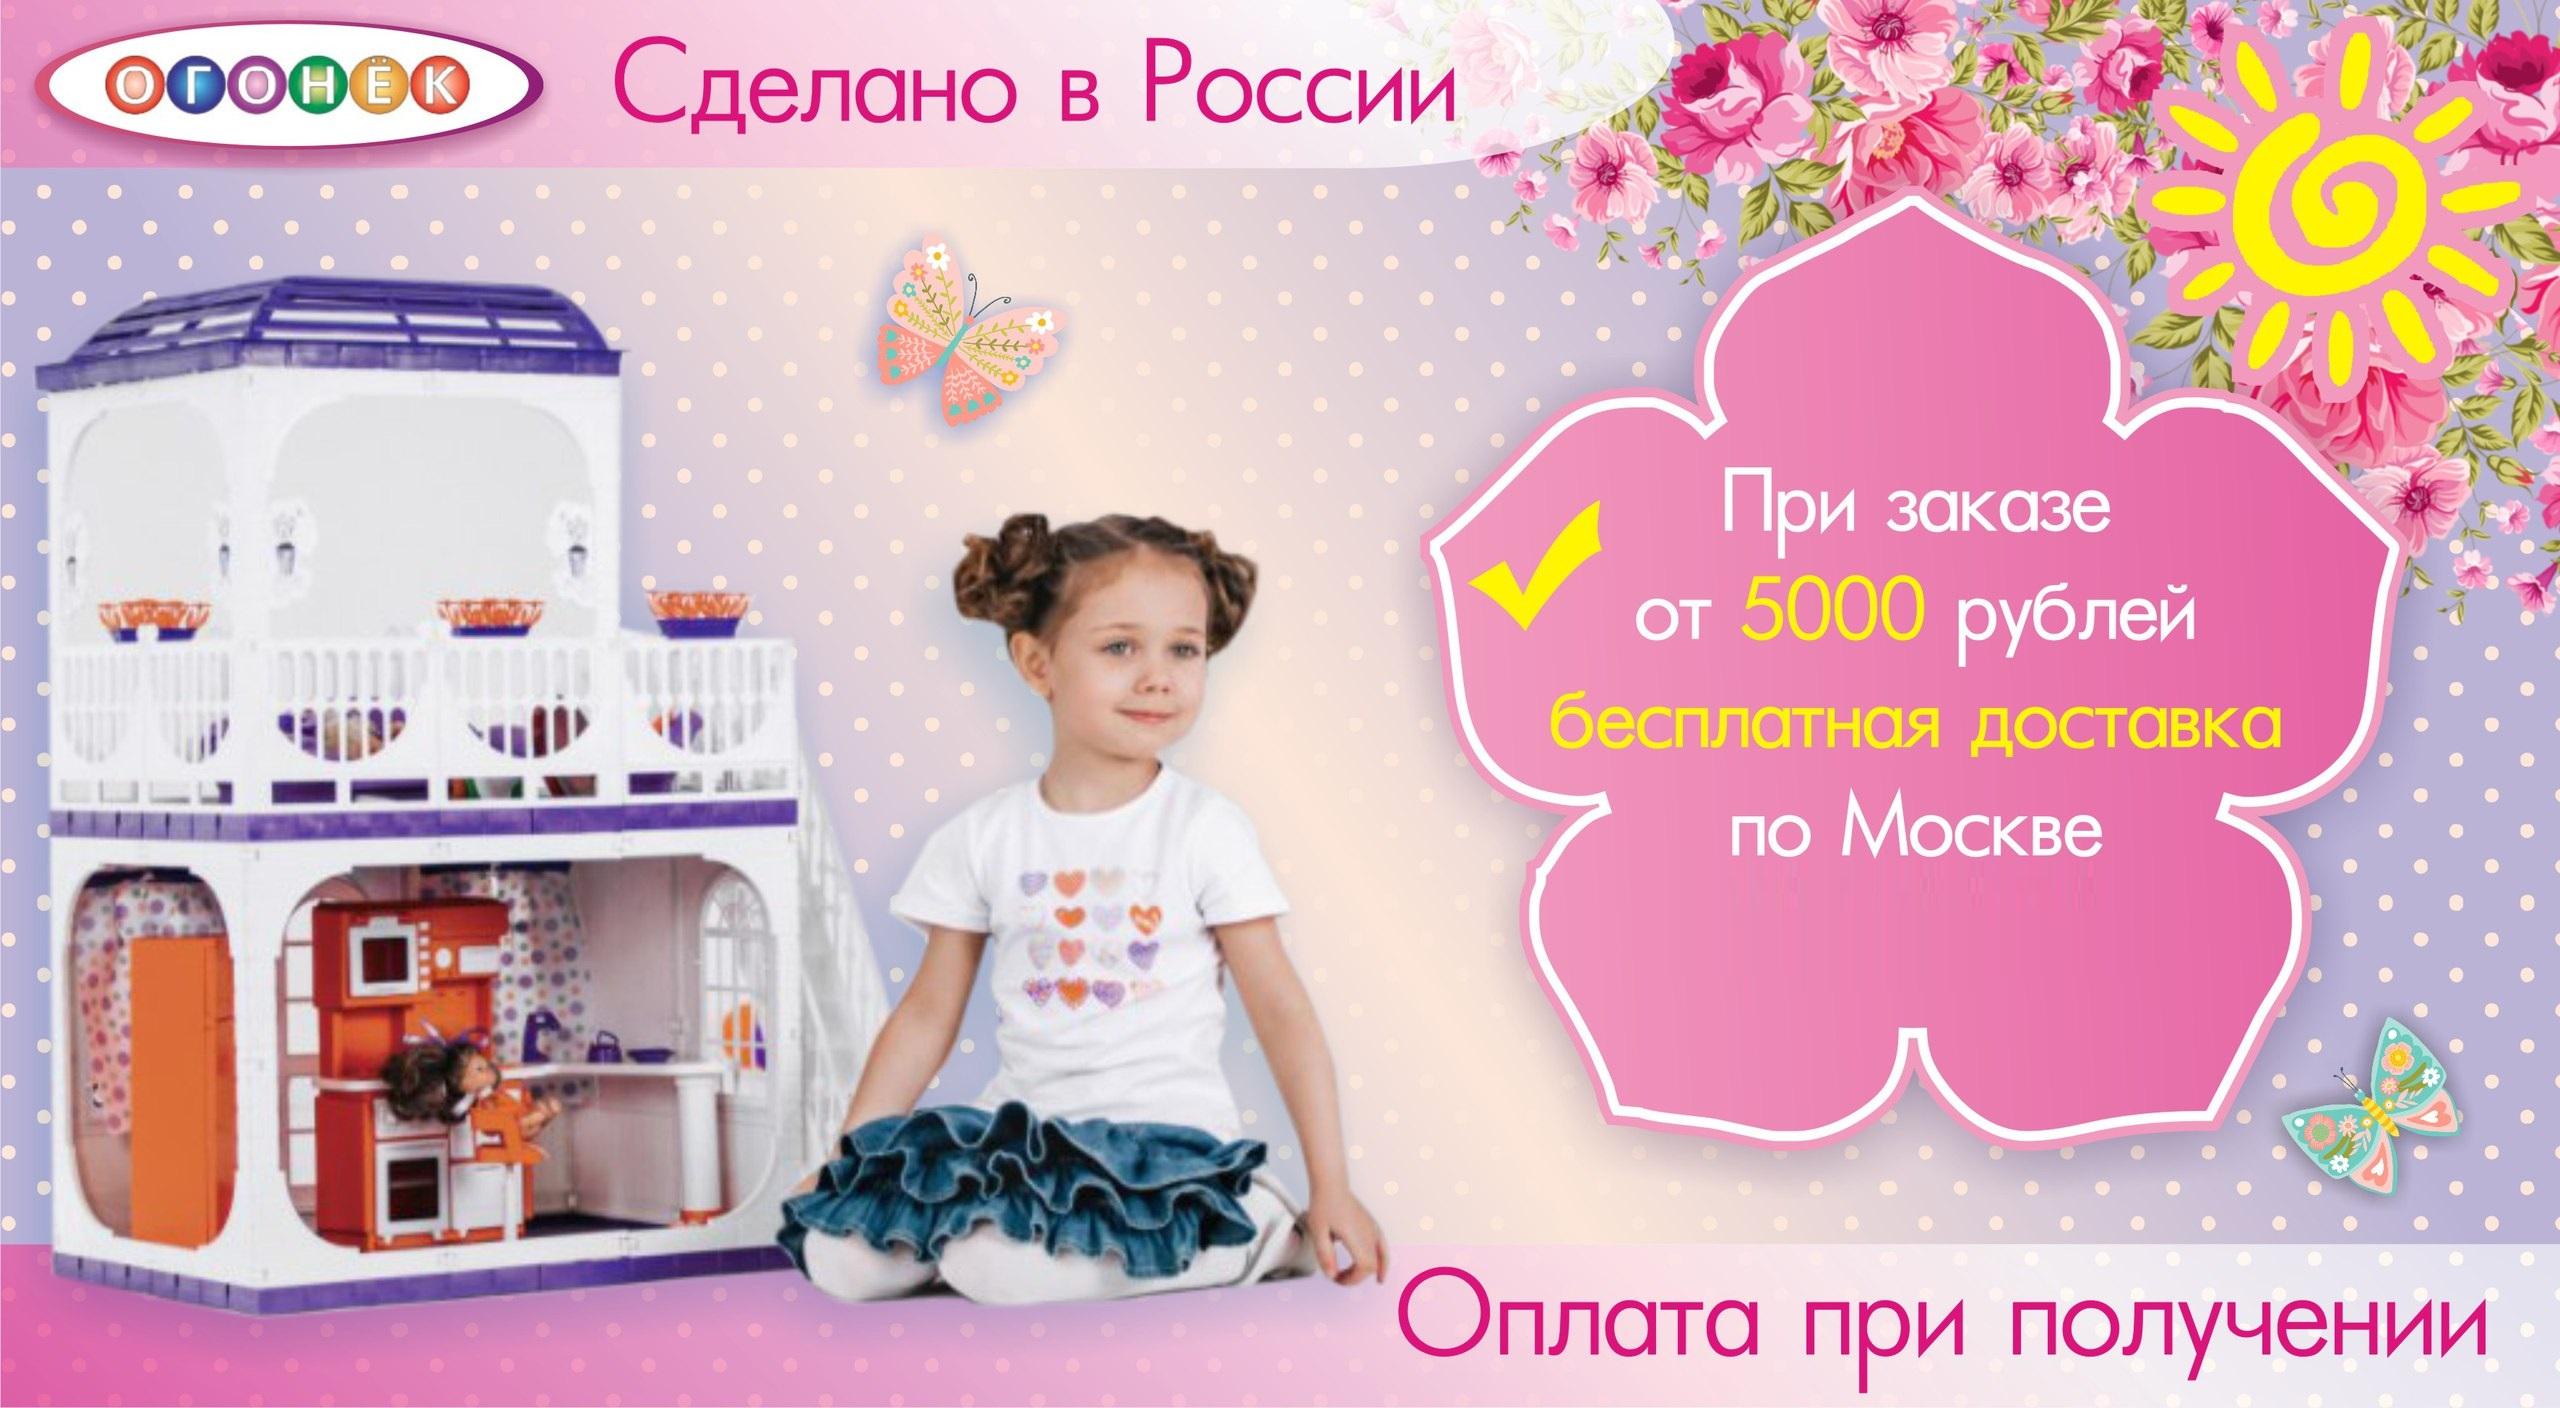 Фото кукольный дом Огонек